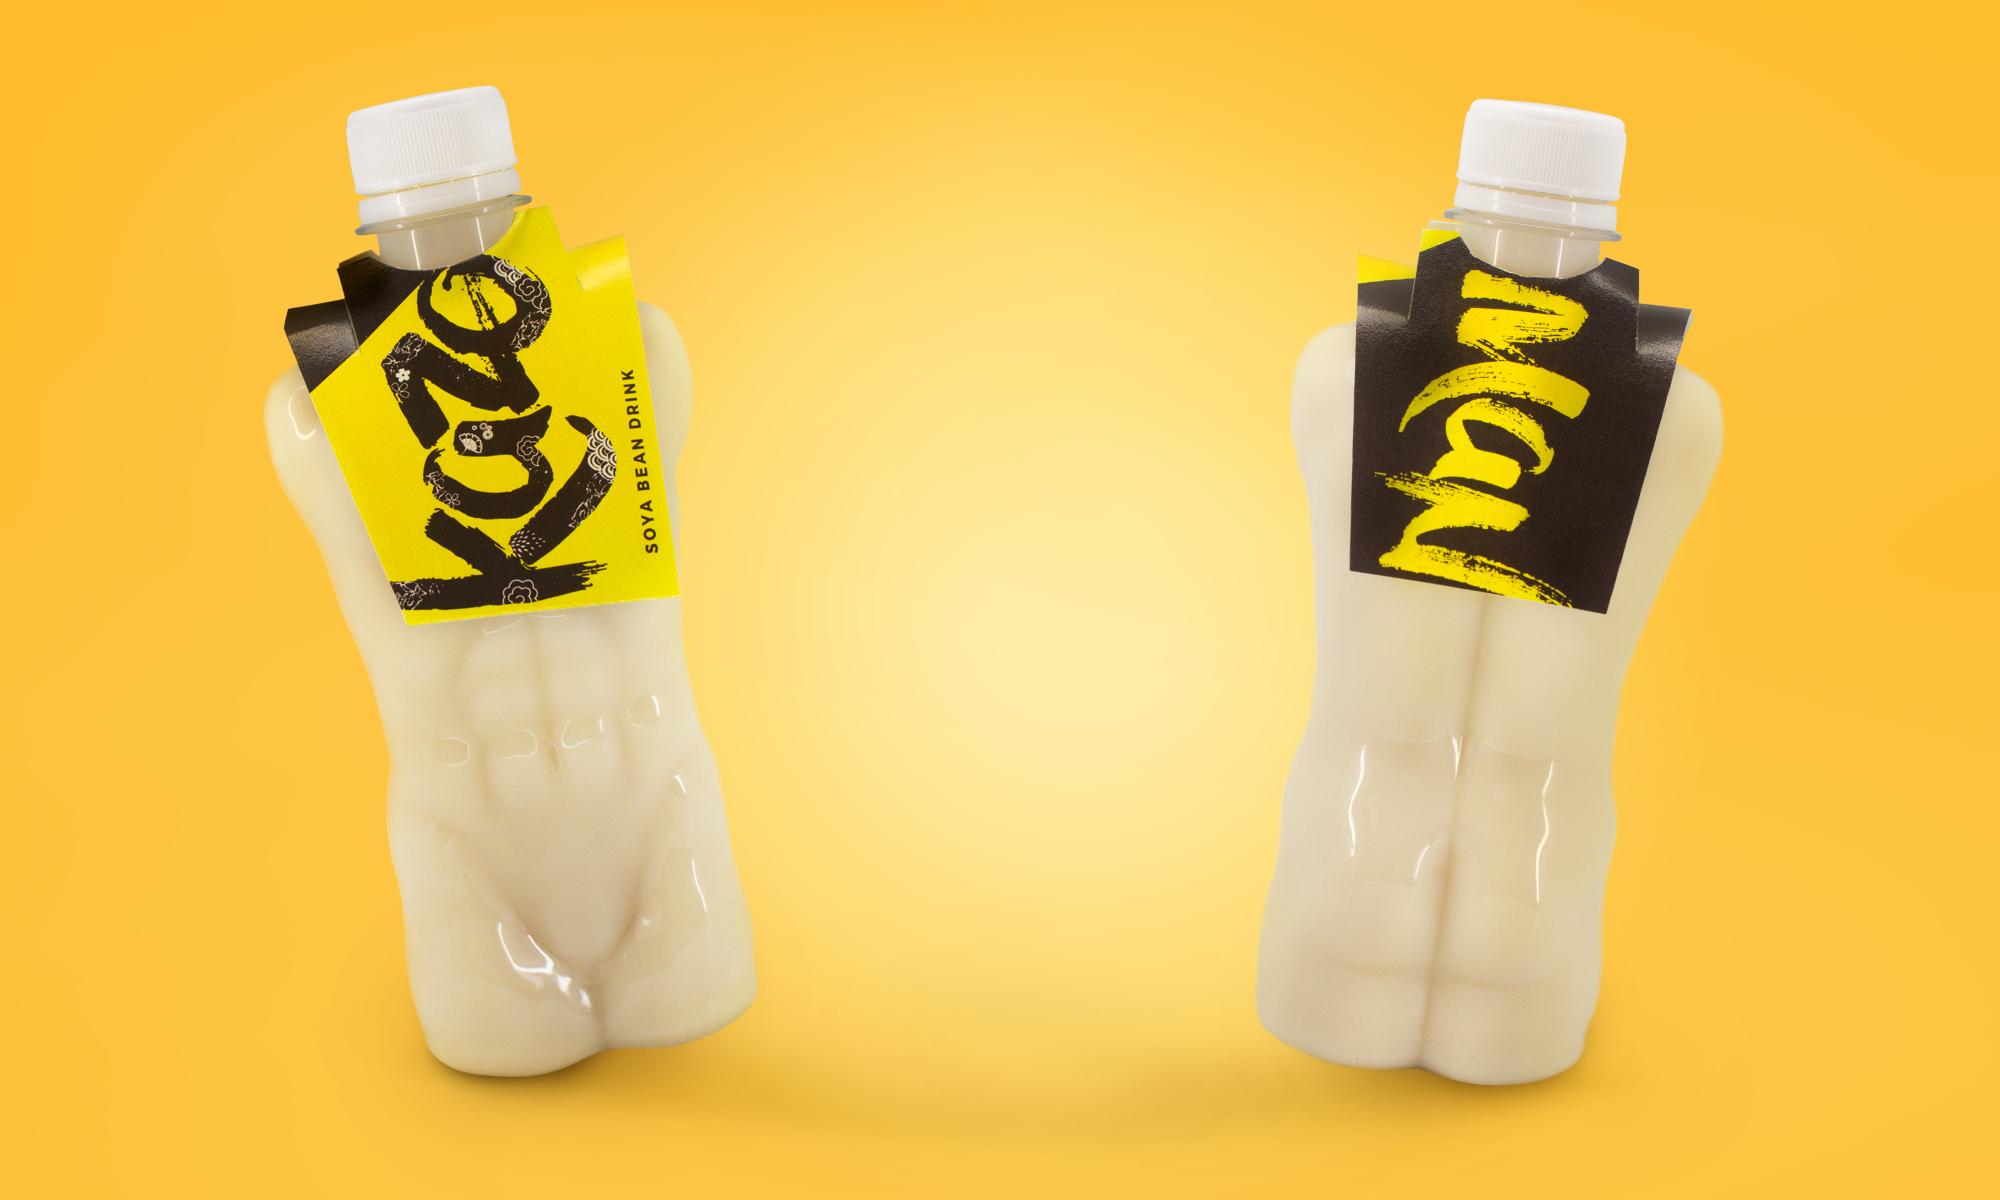 kazo-singapore-kazoman-bottle-2.jpg